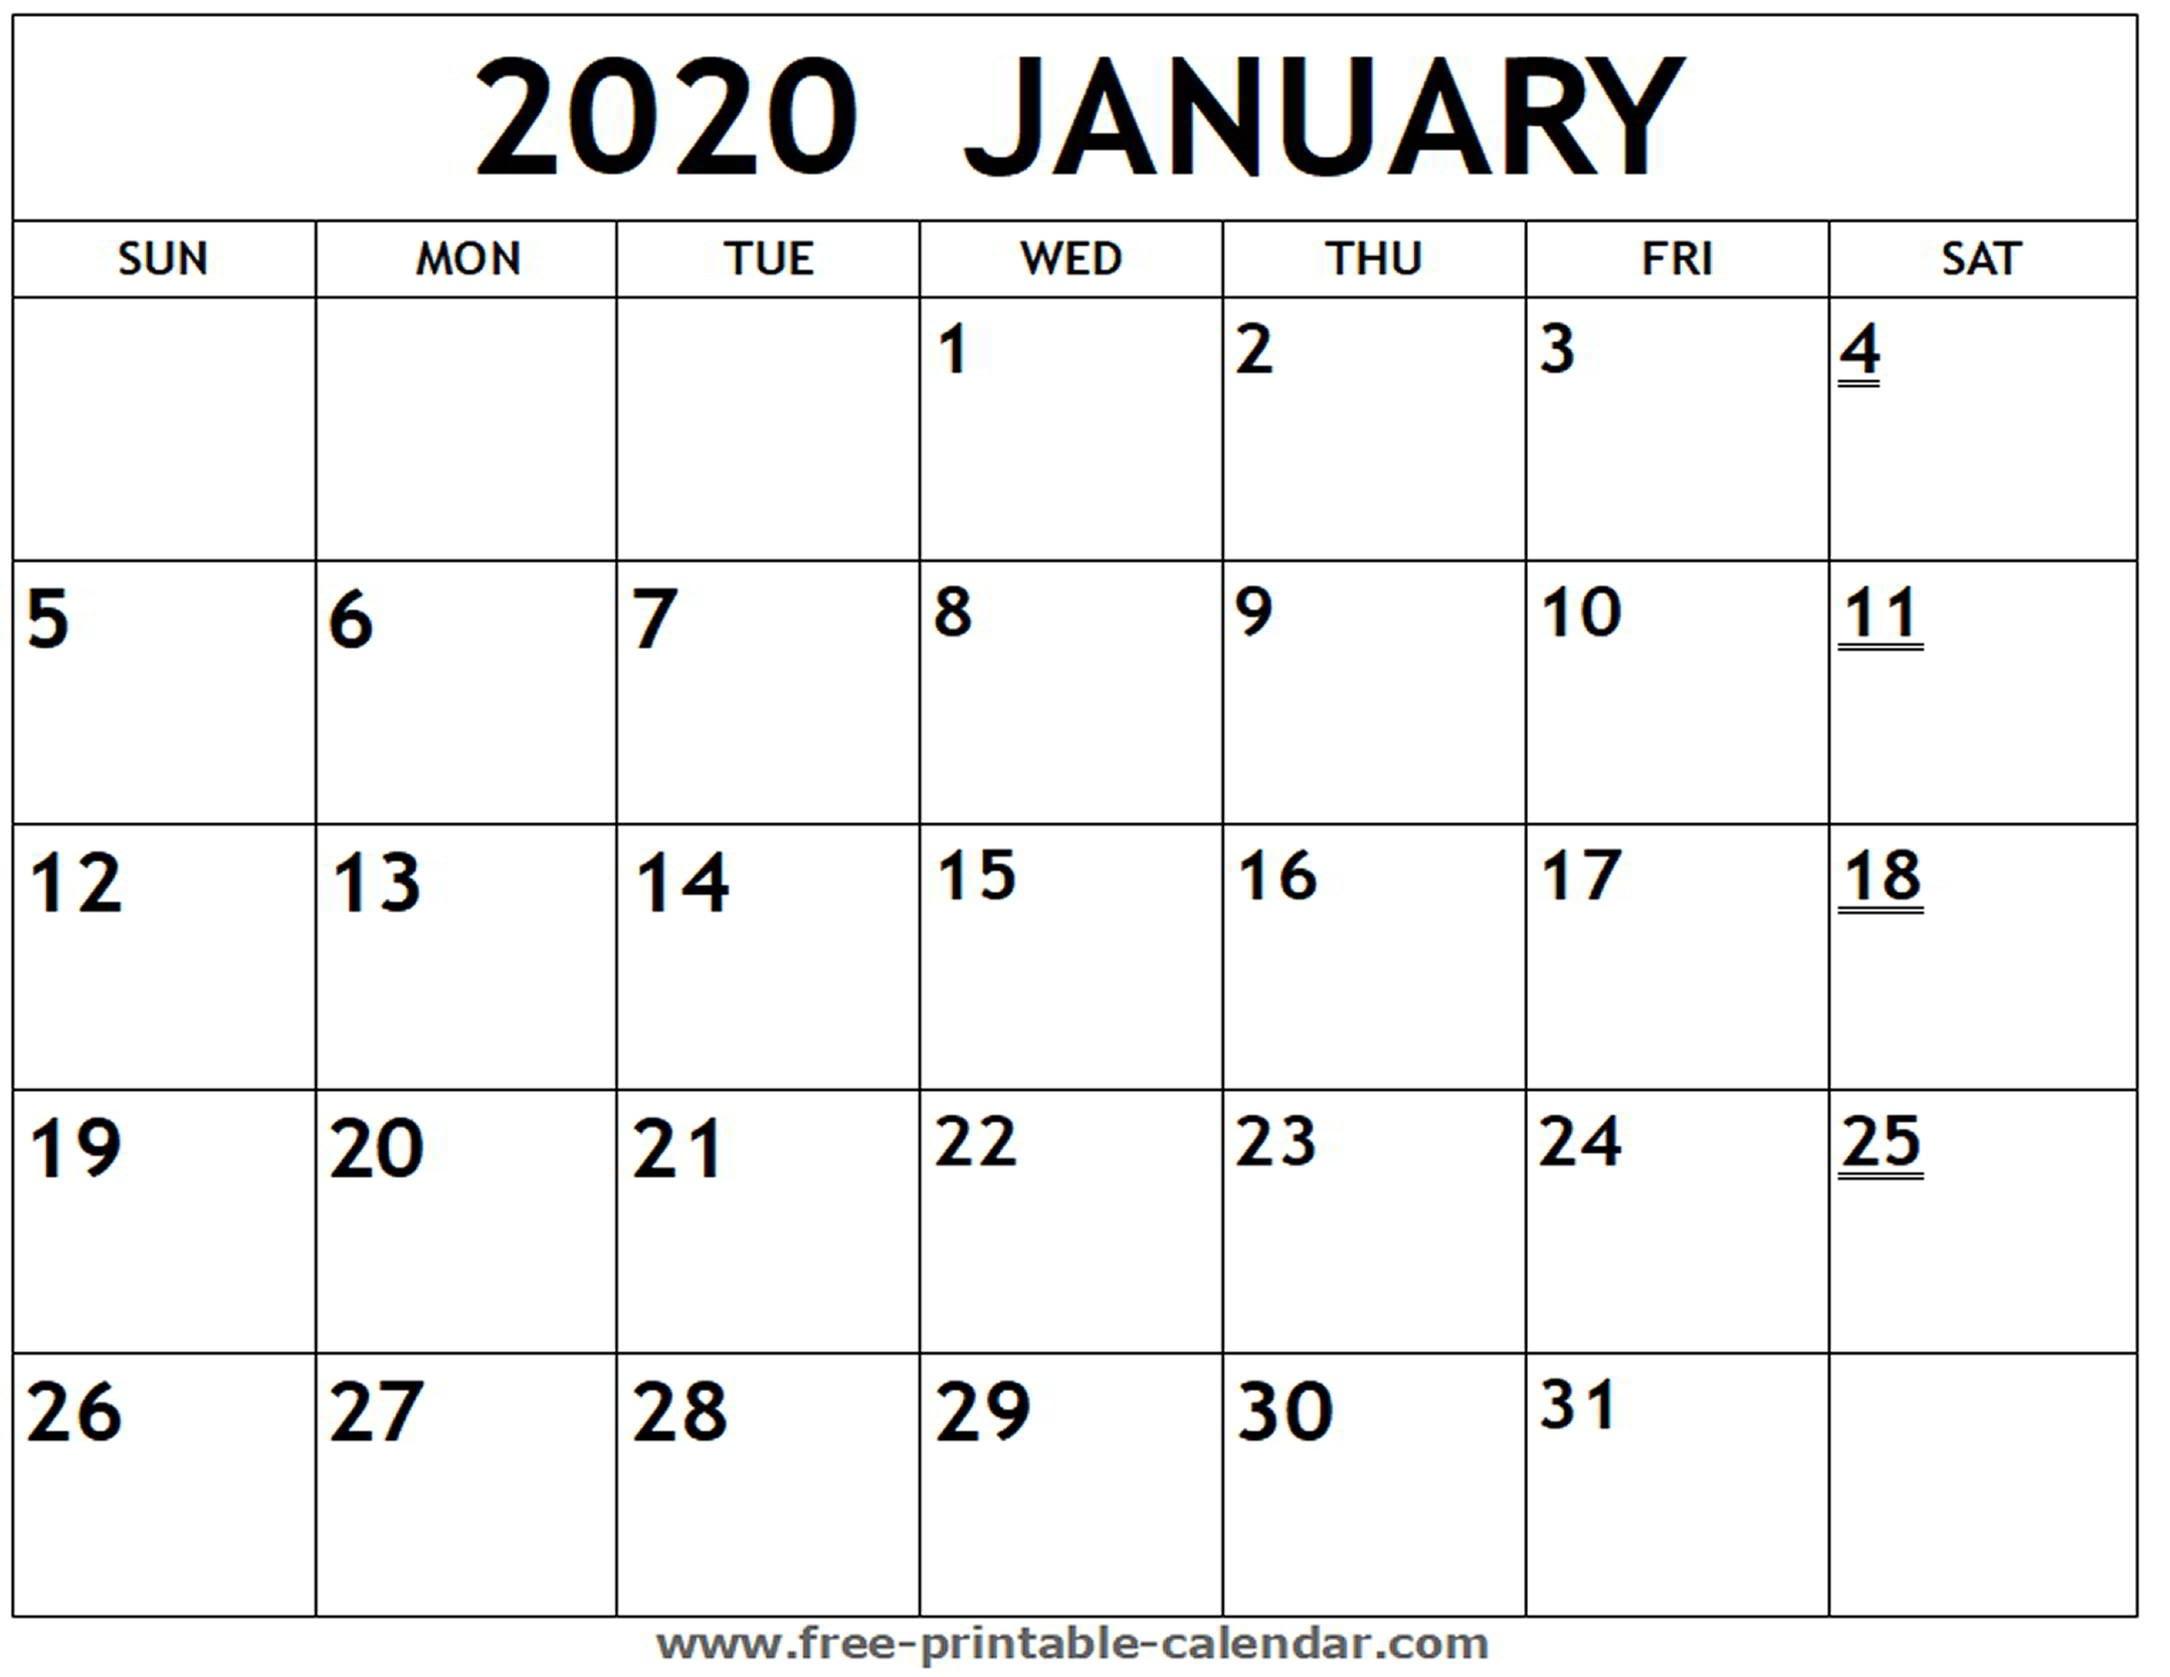 Printable 2020 January Calendar - Free-Printable-Calendar  Free Printable 2020 Monthly Calendar